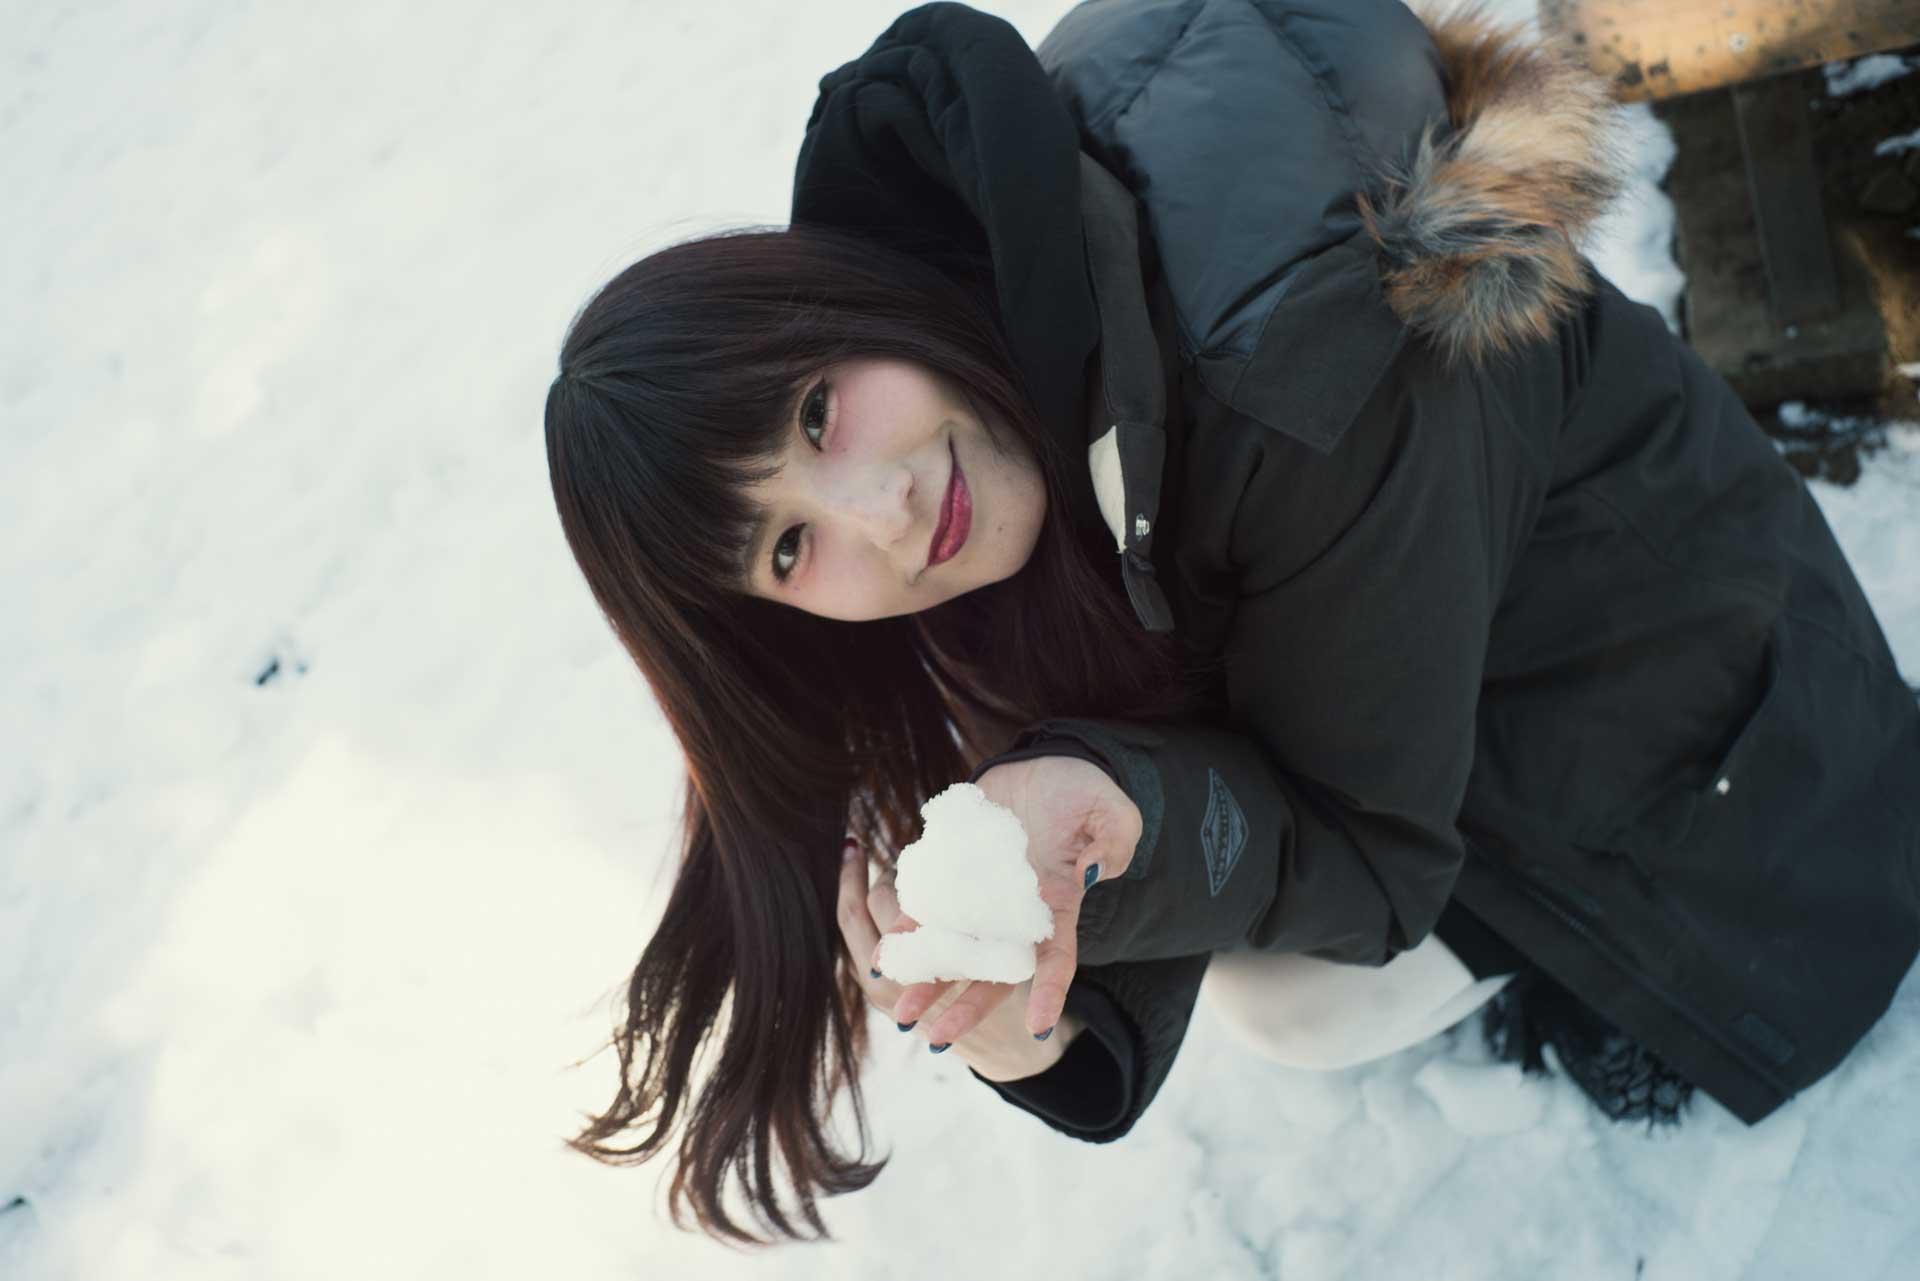 雪 ポートレート こめくら SONY α7Rⅱ Voigtlander フォクトレンダー